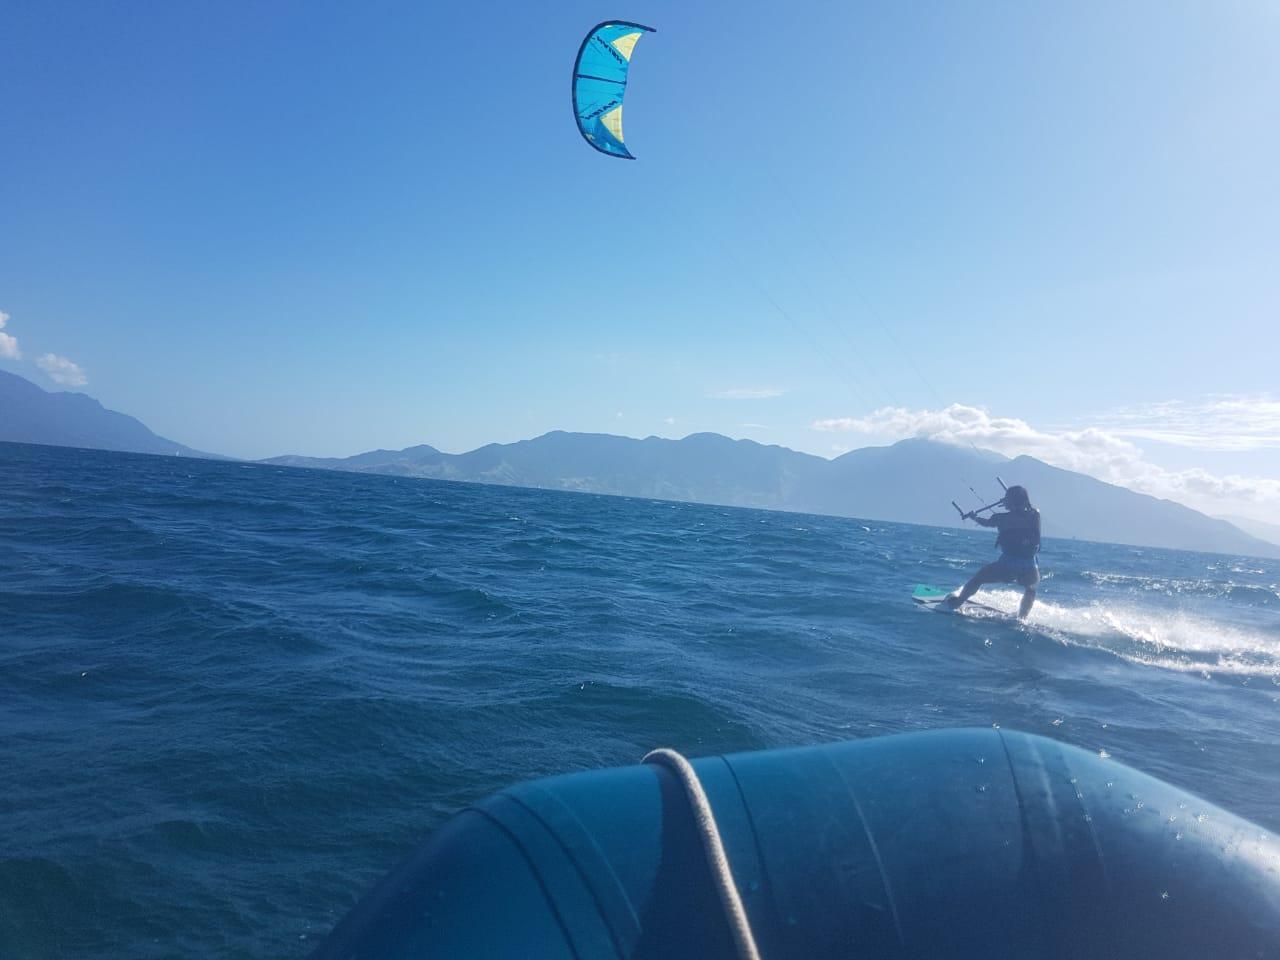 Edna Kite Surfing 2